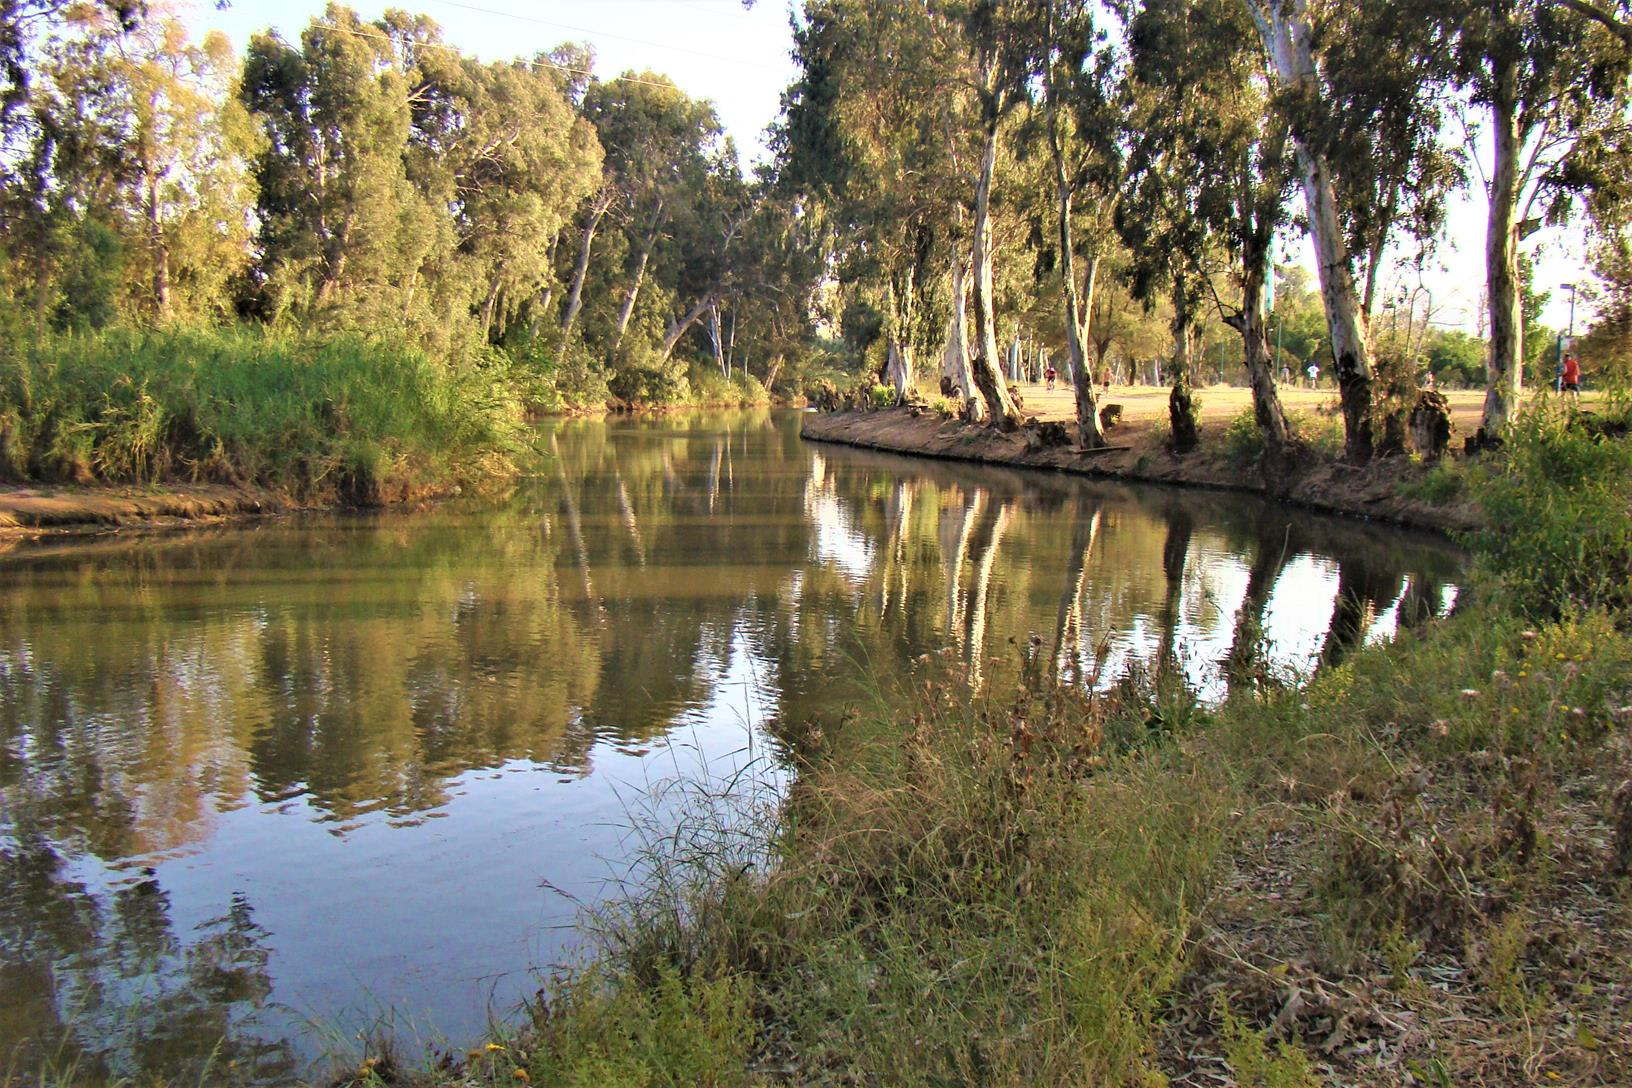 """ברכות שבע טחנות על נהר הירקון בגני יהושע, צילום: ד""""ר ענת אביטל"""